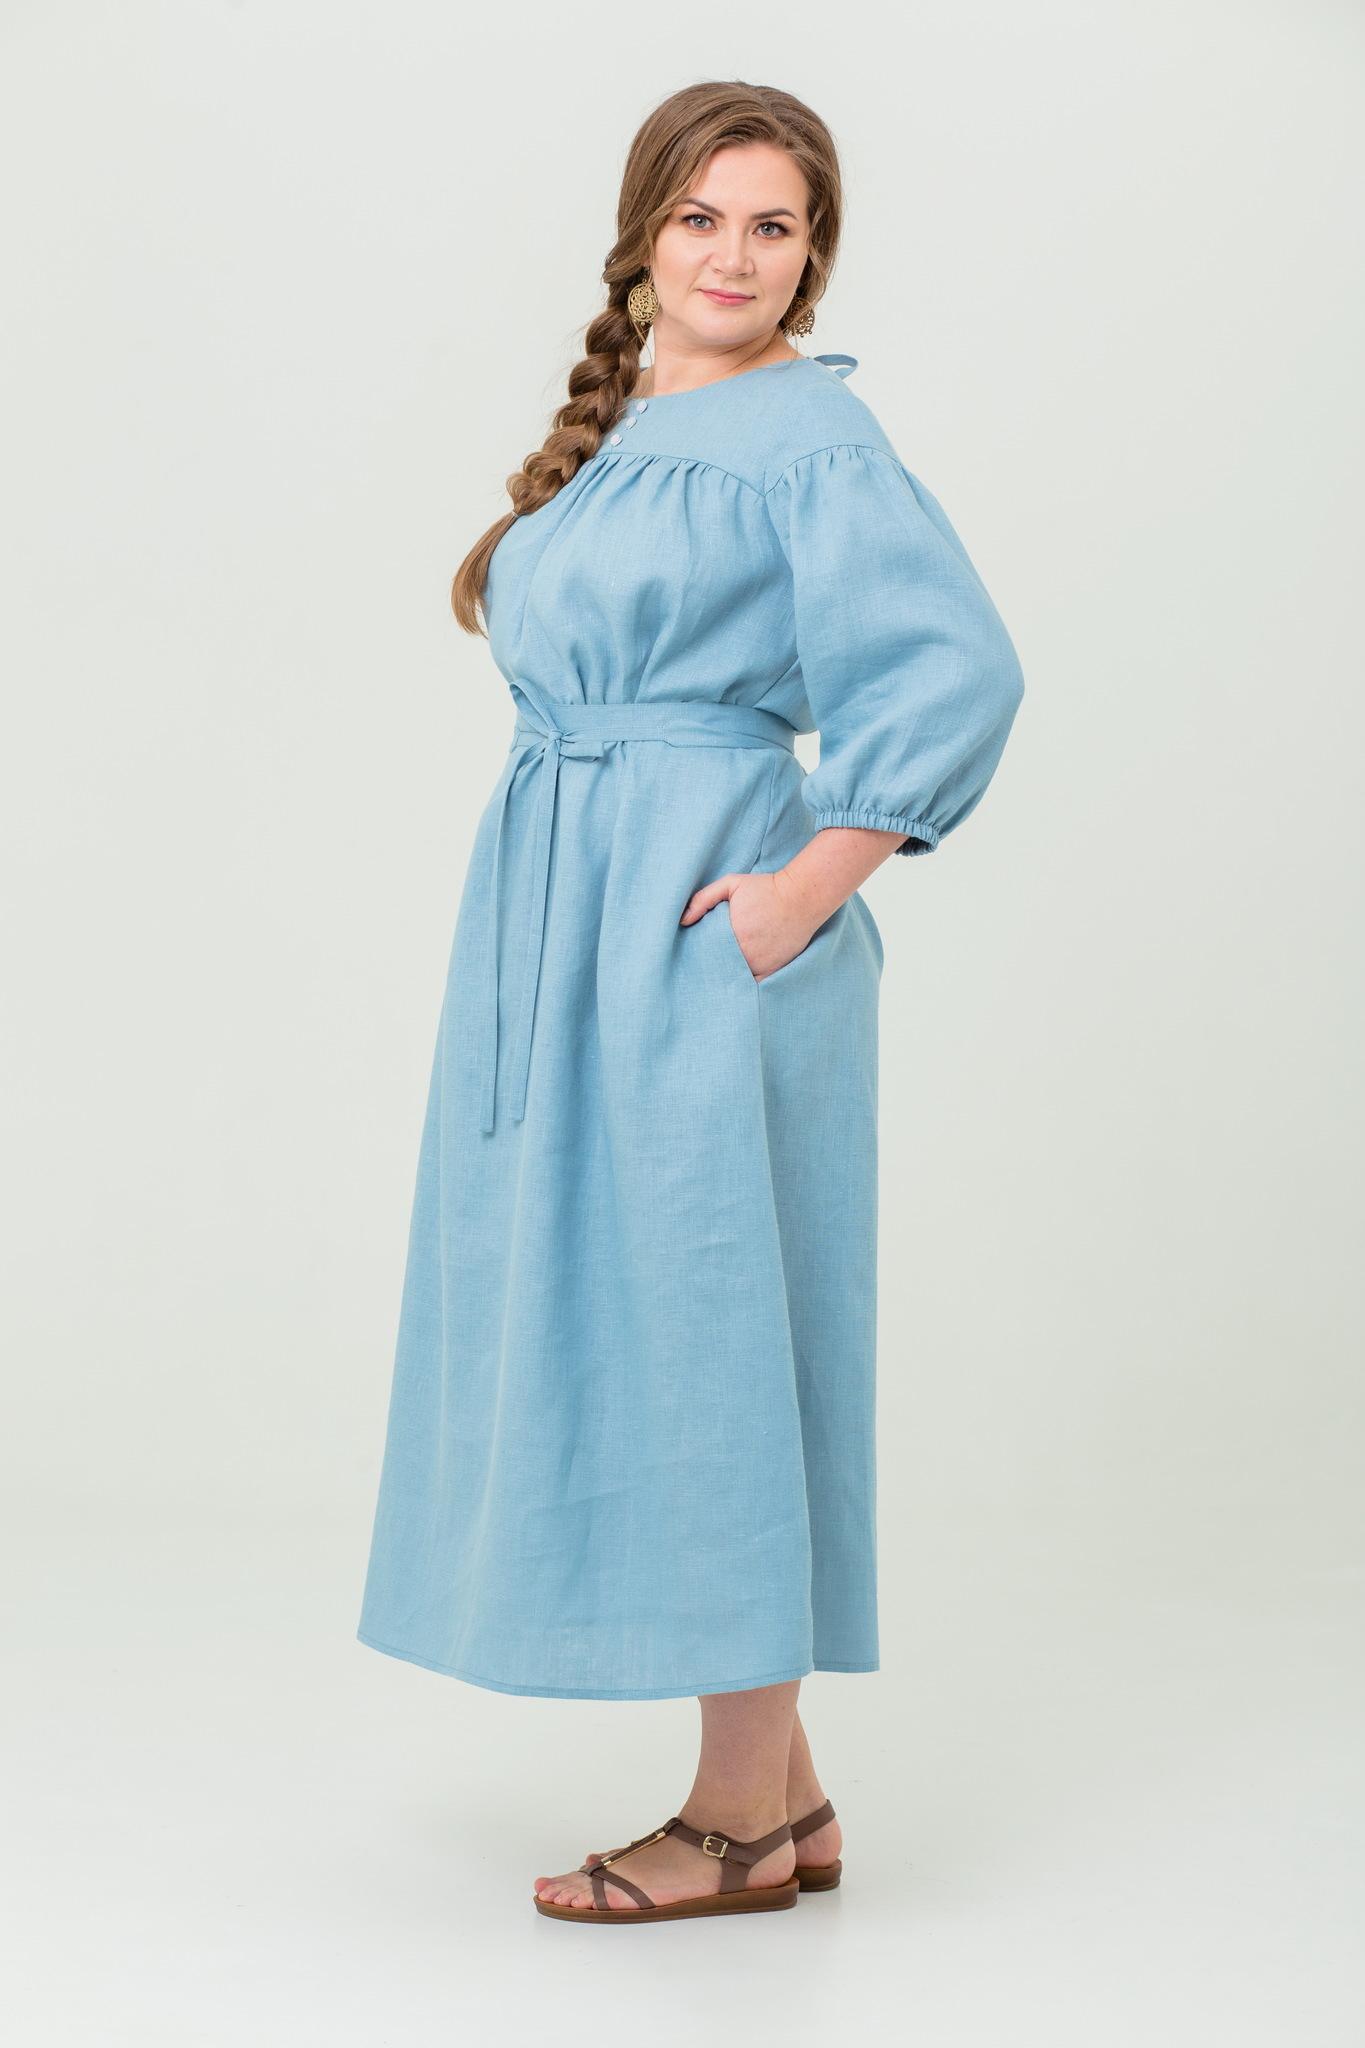 Платье льняное Босиком по росе длинное